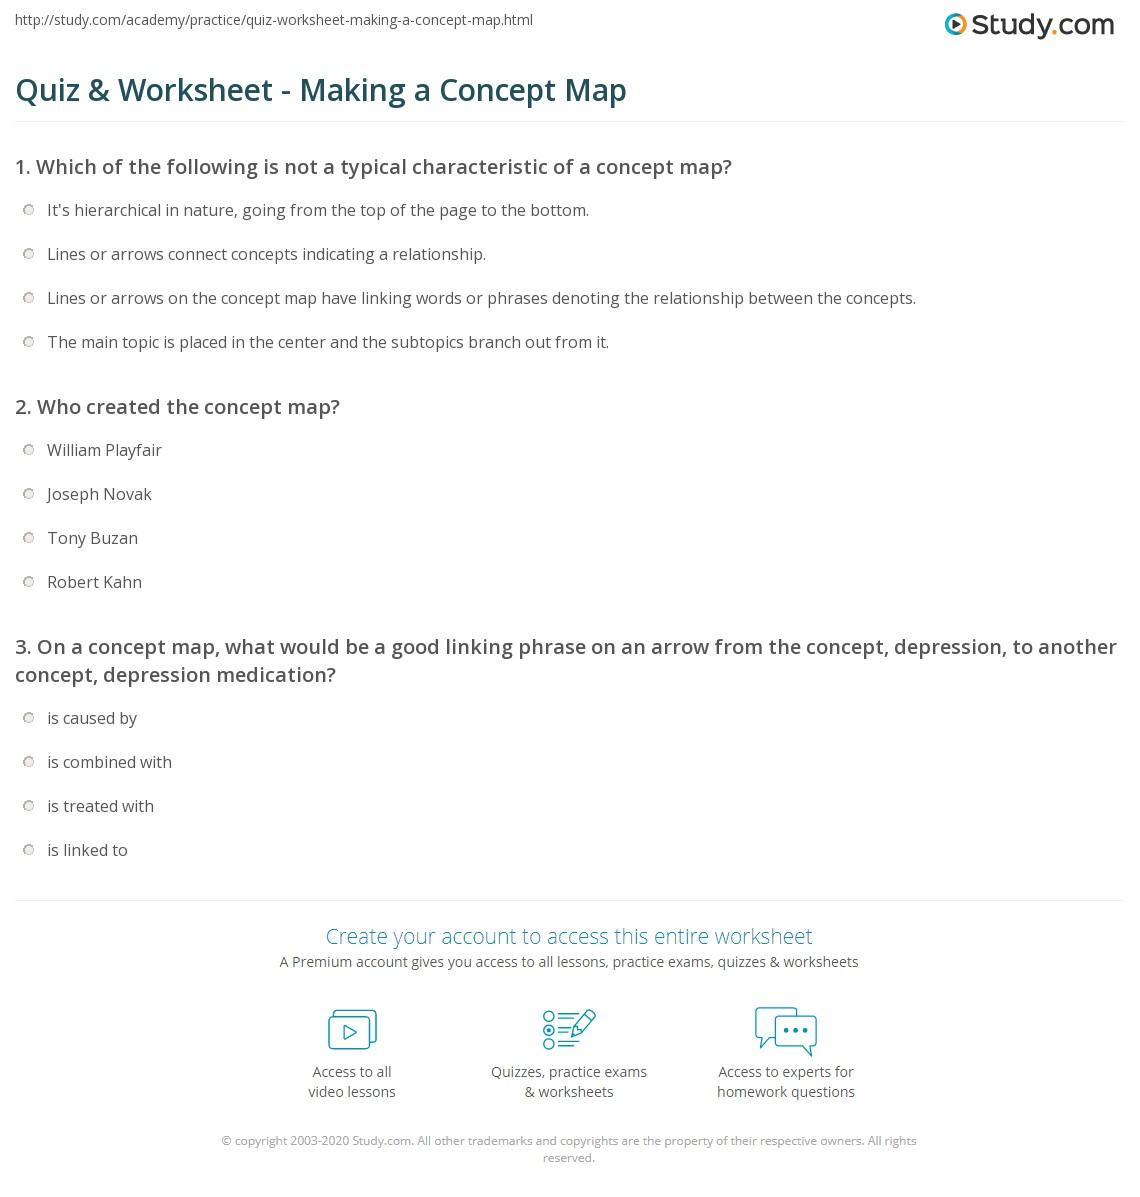 Quiz & Worksheet - Making a Concept Map | Study.com